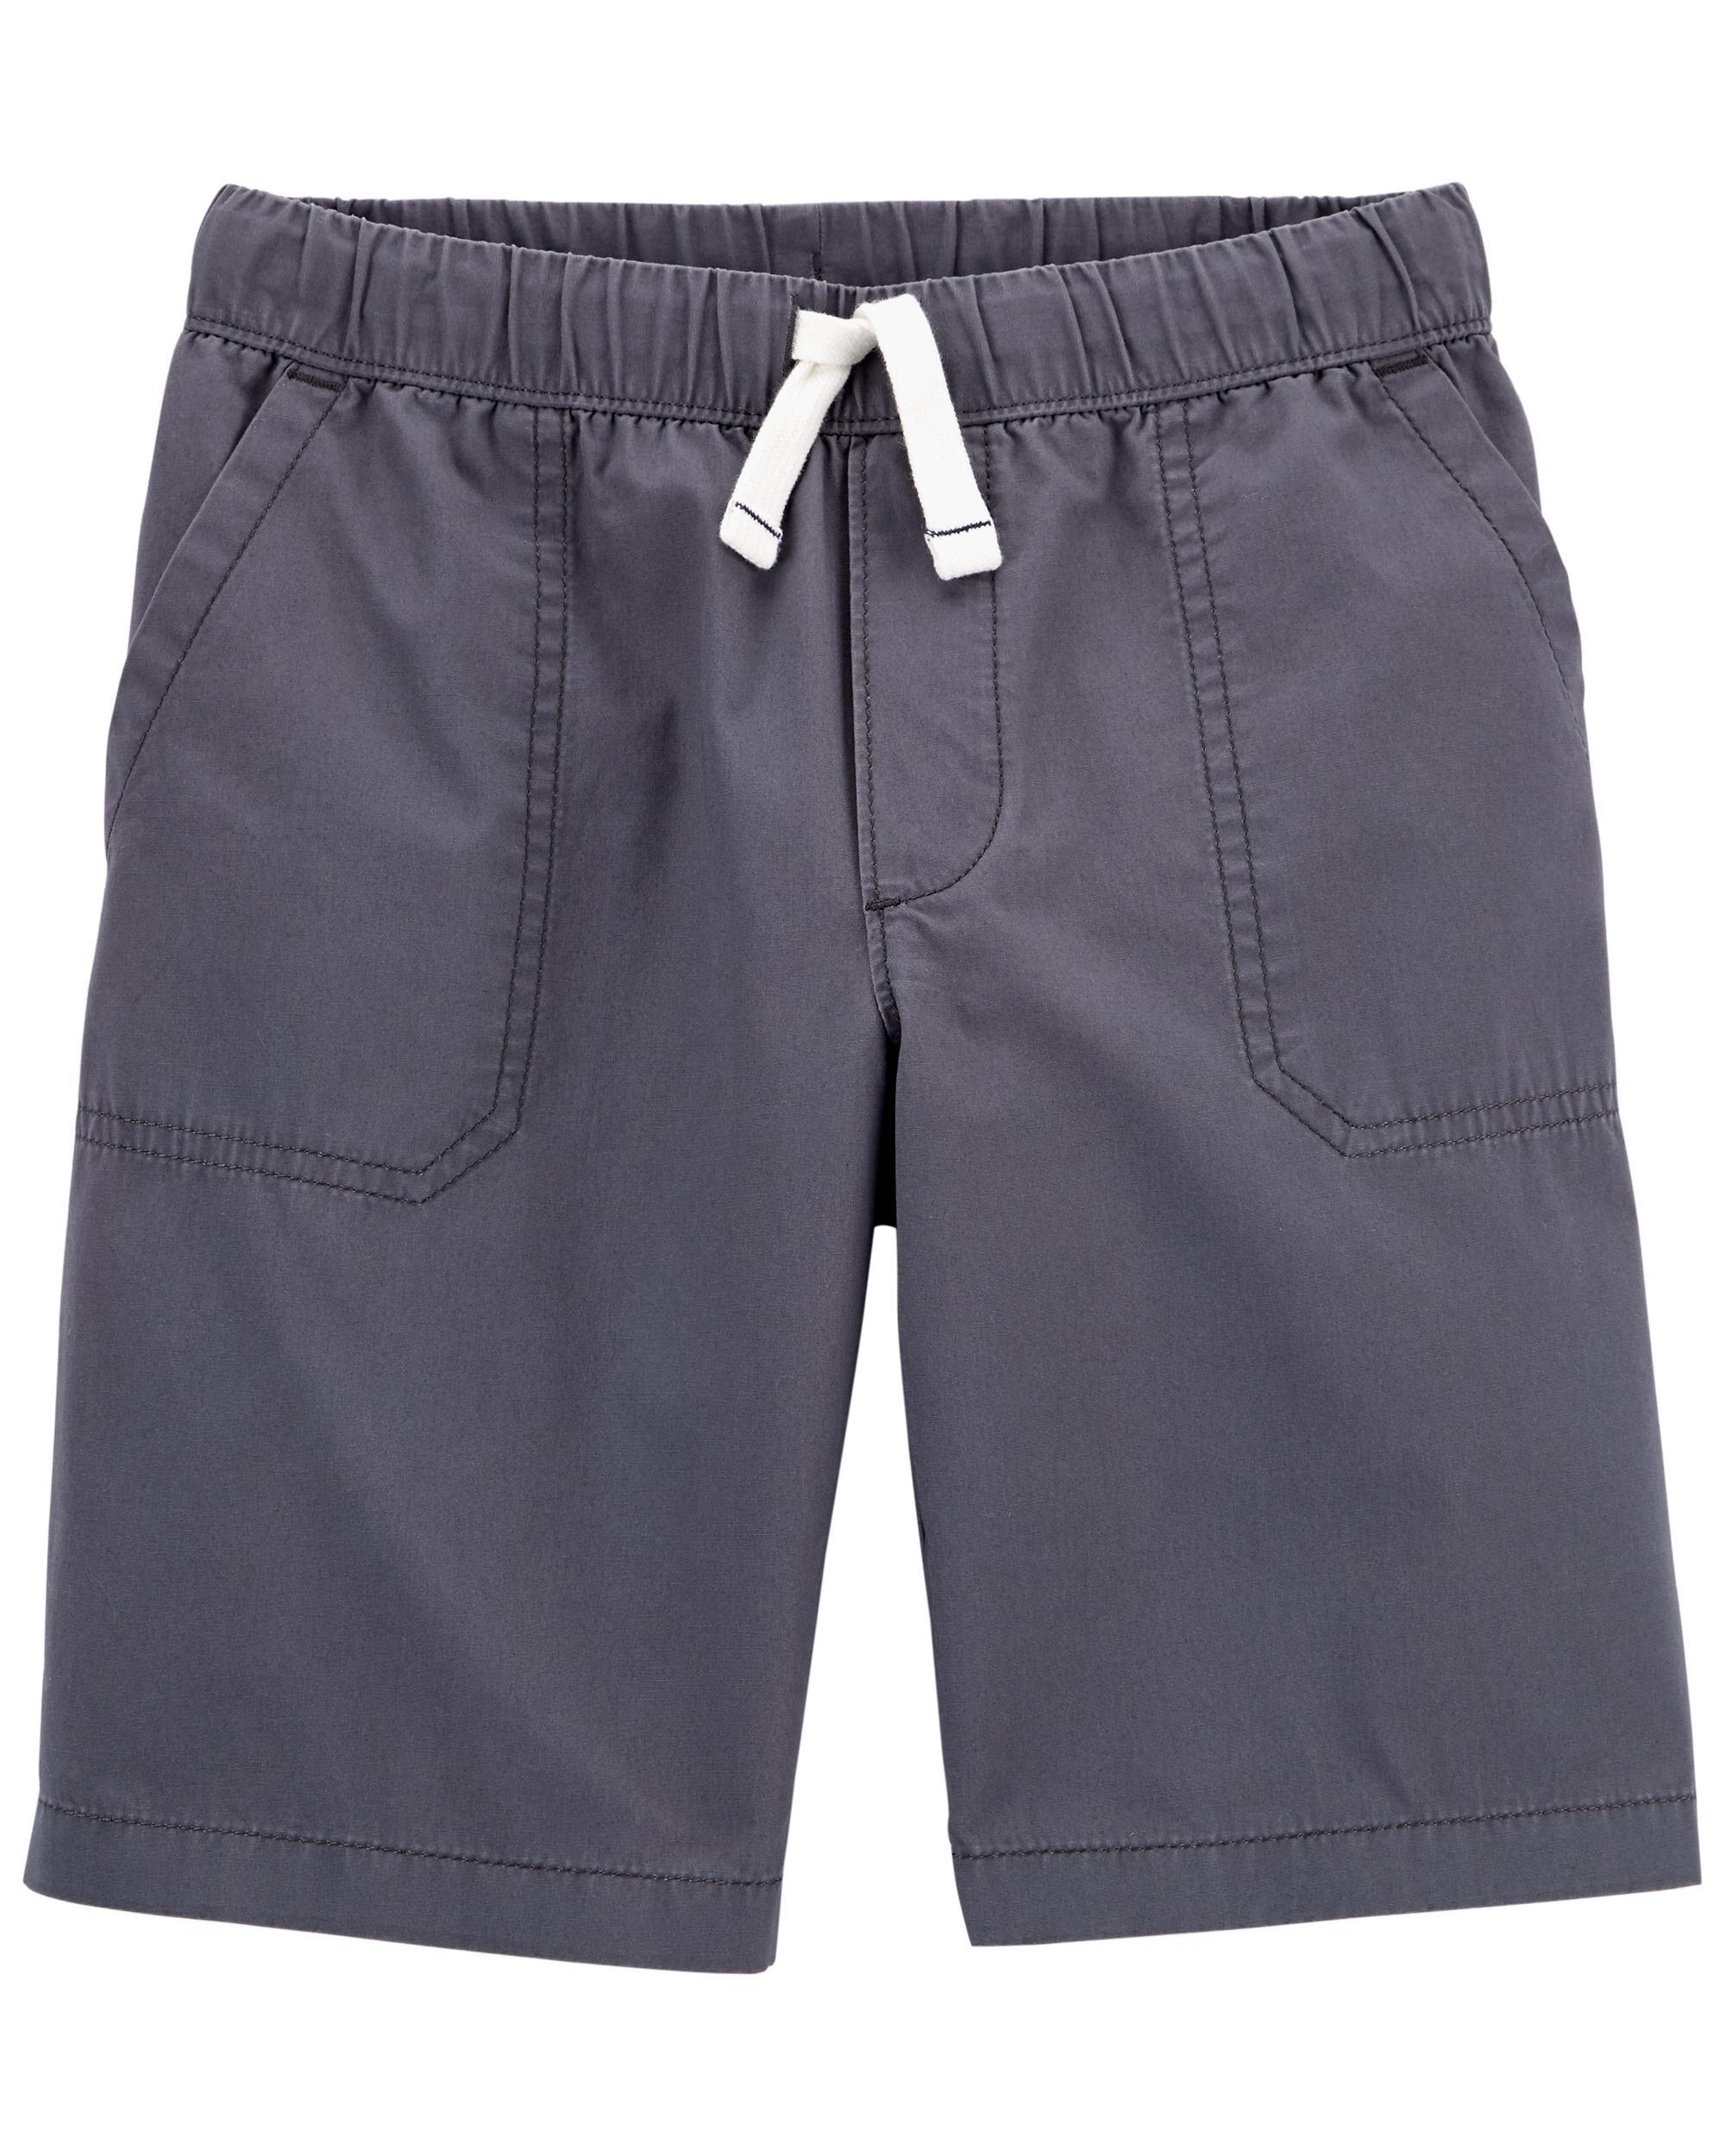 *DOORBUSTER* Easy Pull-On Poplin Shorts